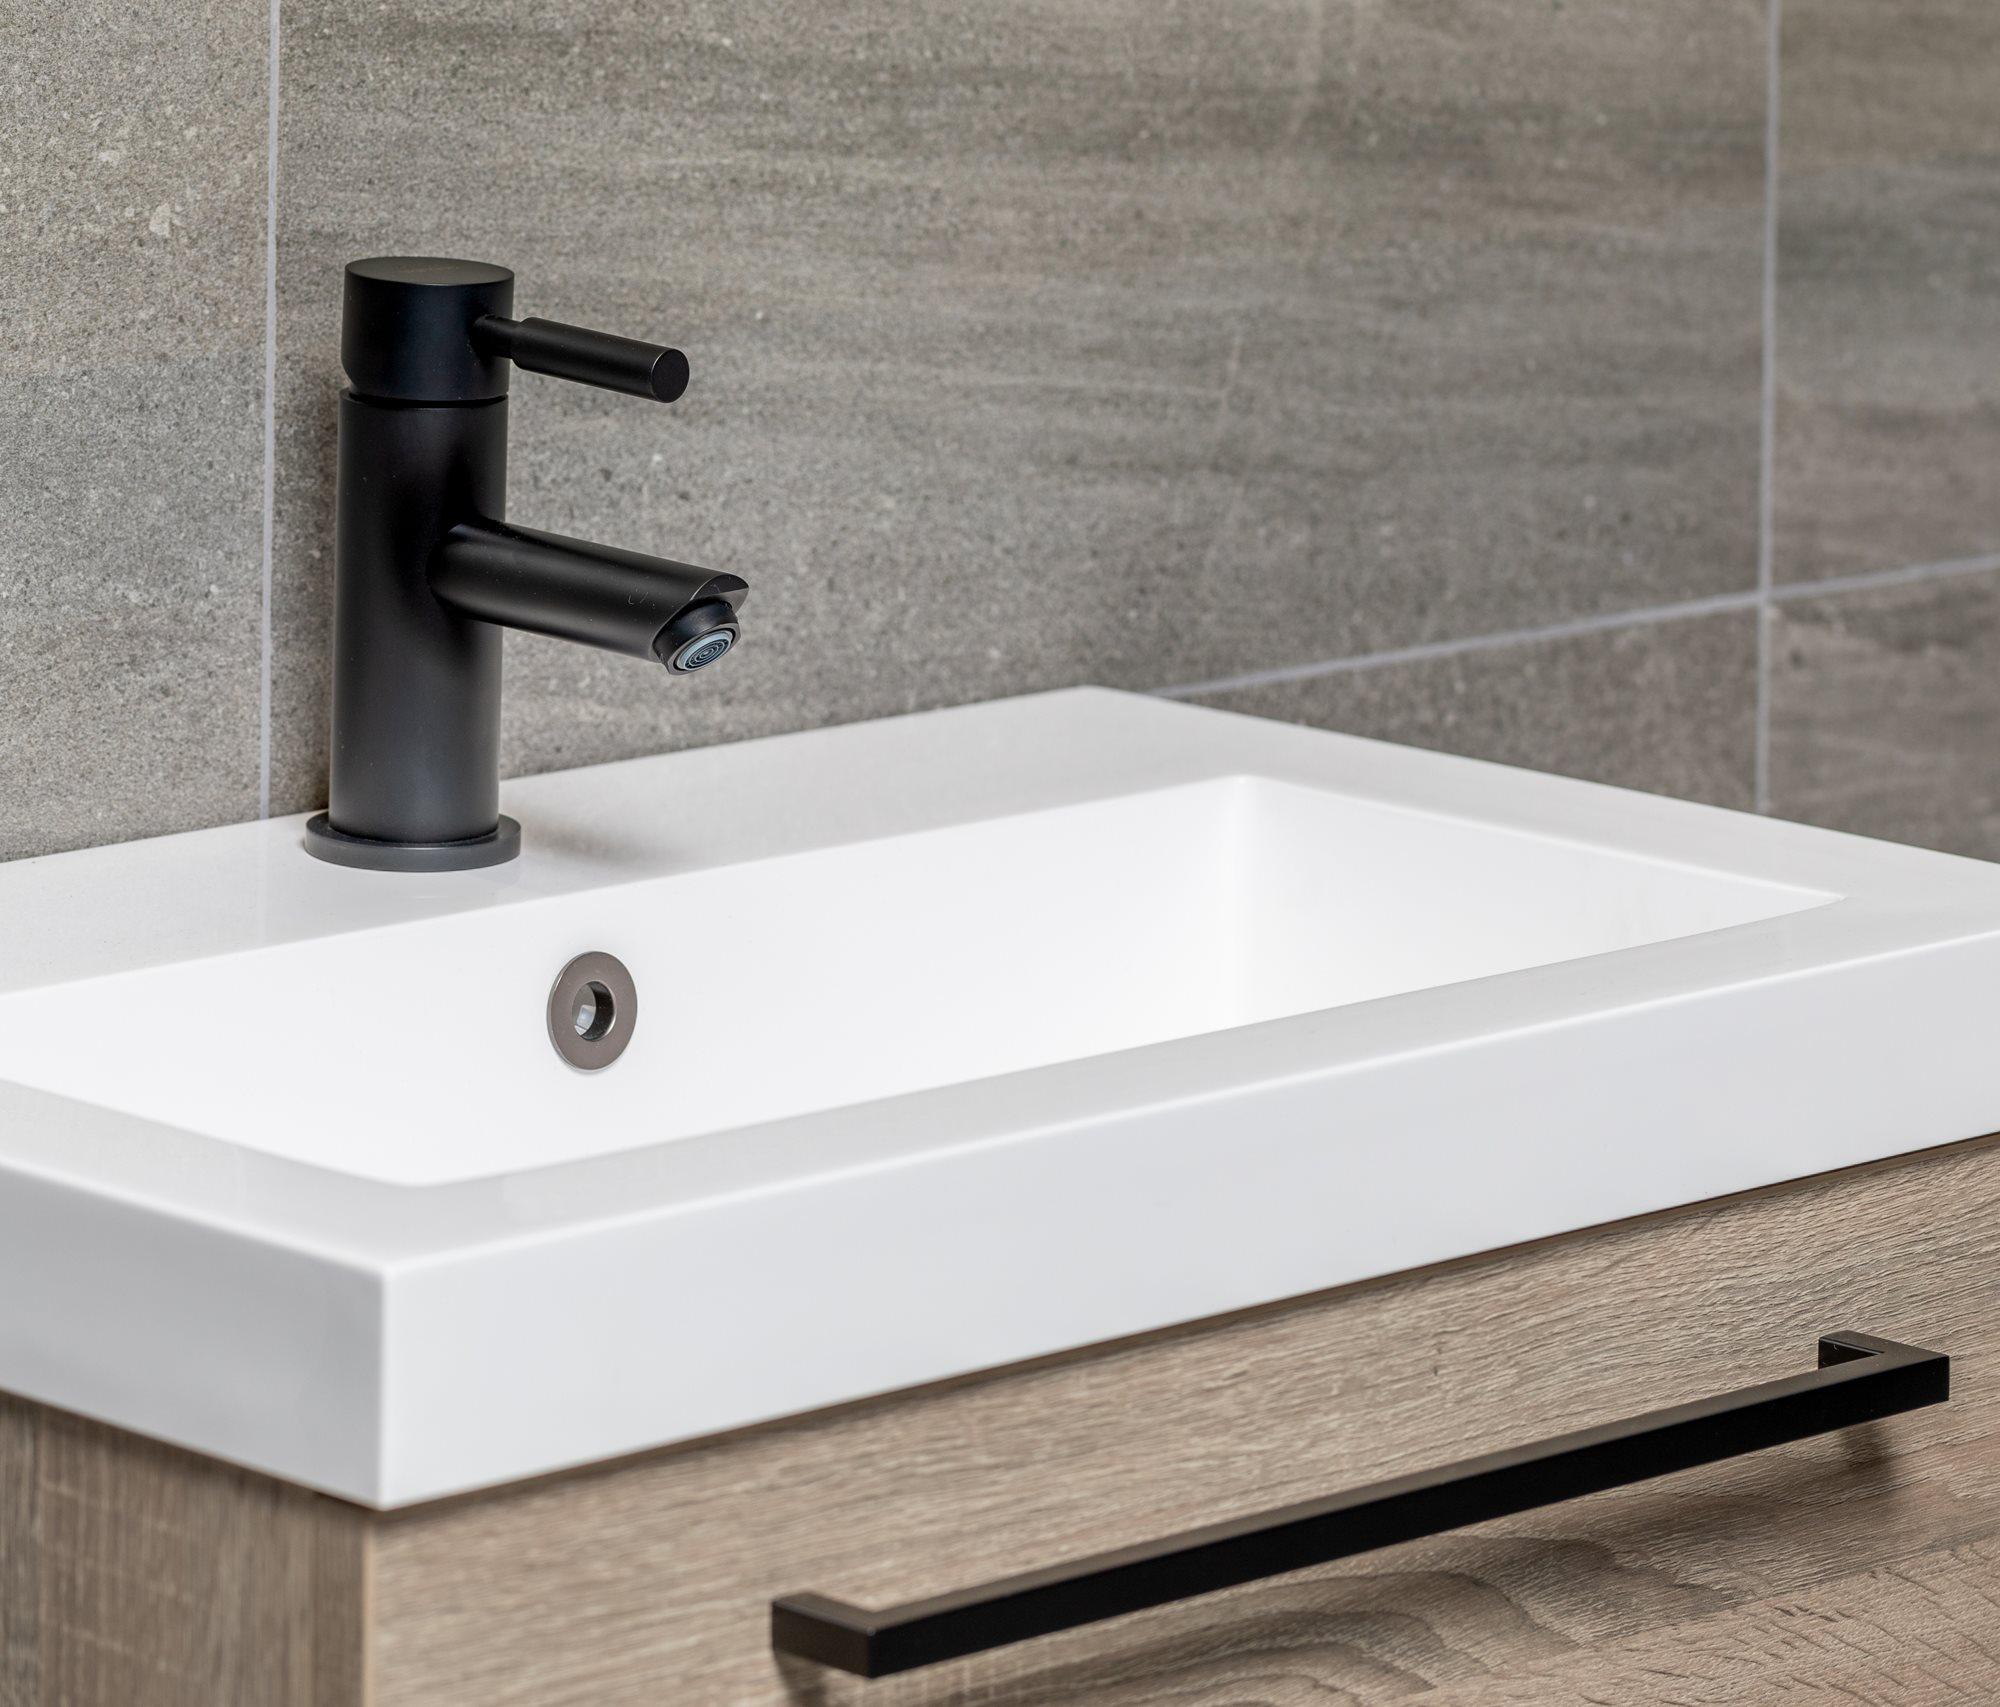 badkamermeubel-eiken-wastafel-wit.jpg